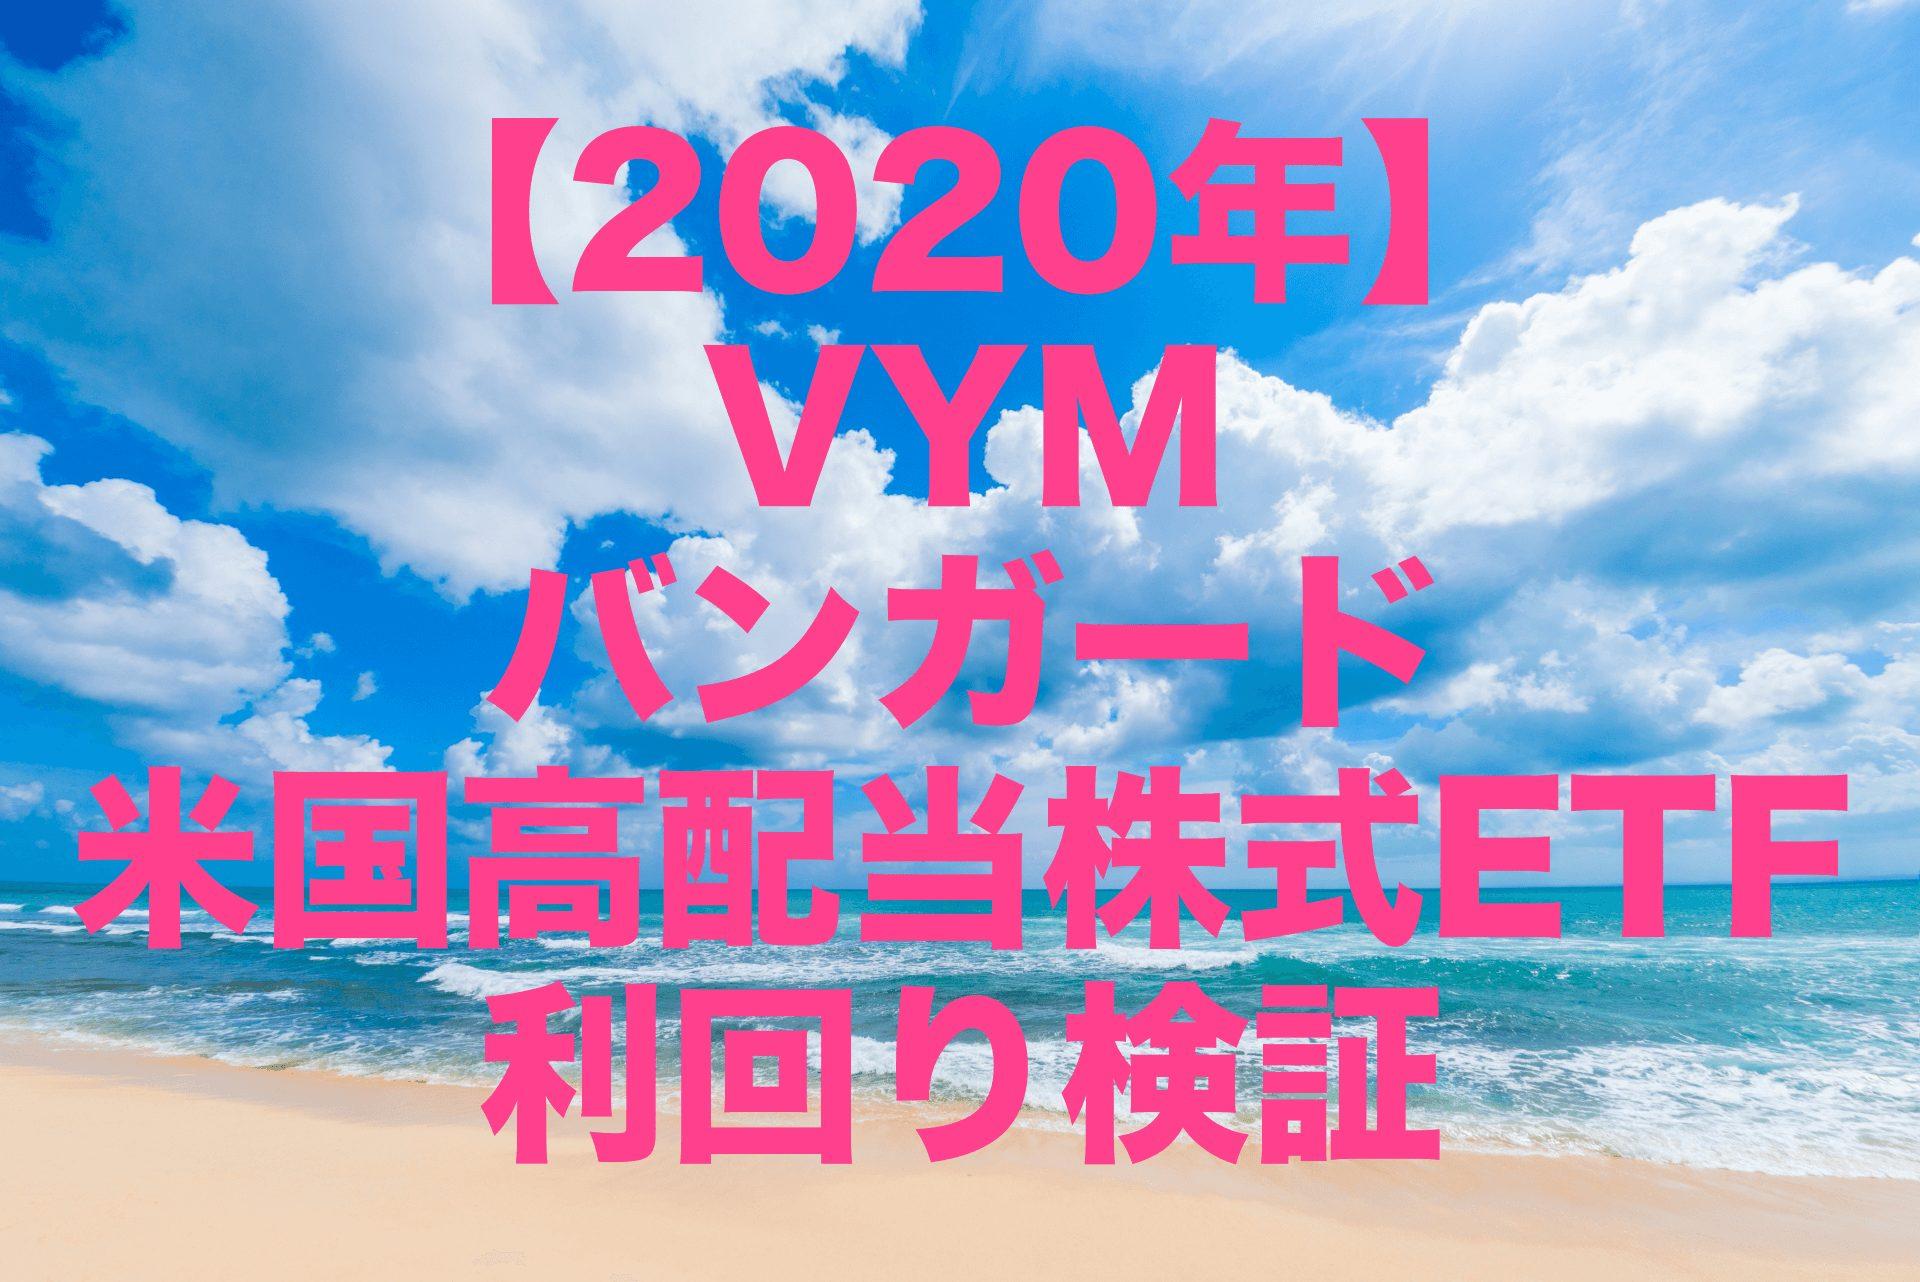 2020年のVYM(バンガード 米国高配当株式ETF)利回りを検証